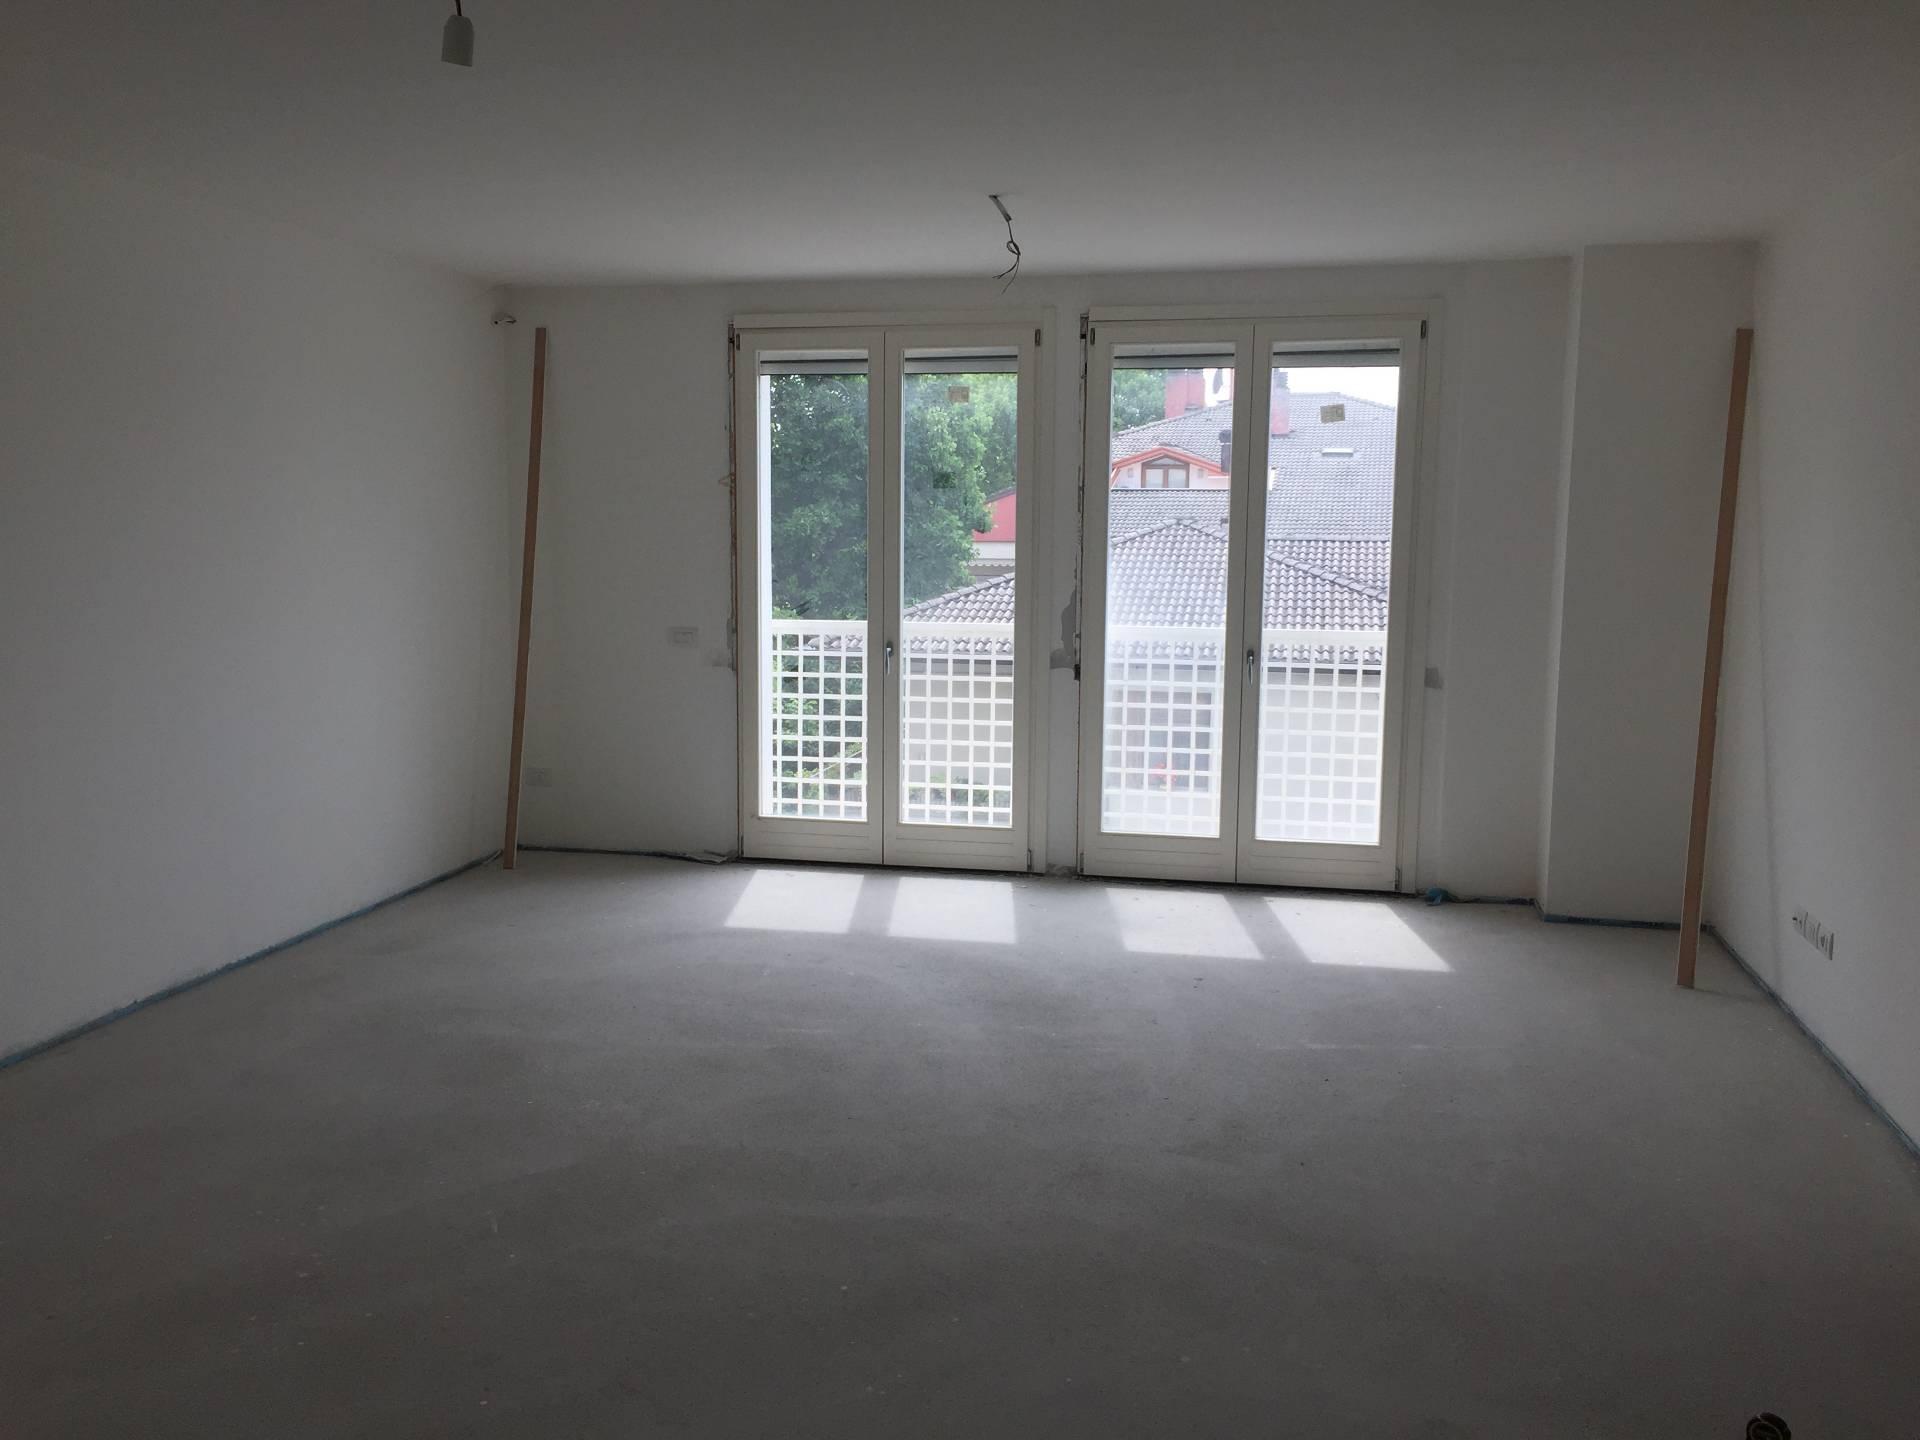 Appartamento in vendita a Motta di Livenza, 8 locali, zona Località: Centro, prezzo € 260.000 | PortaleAgenzieImmobiliari.it